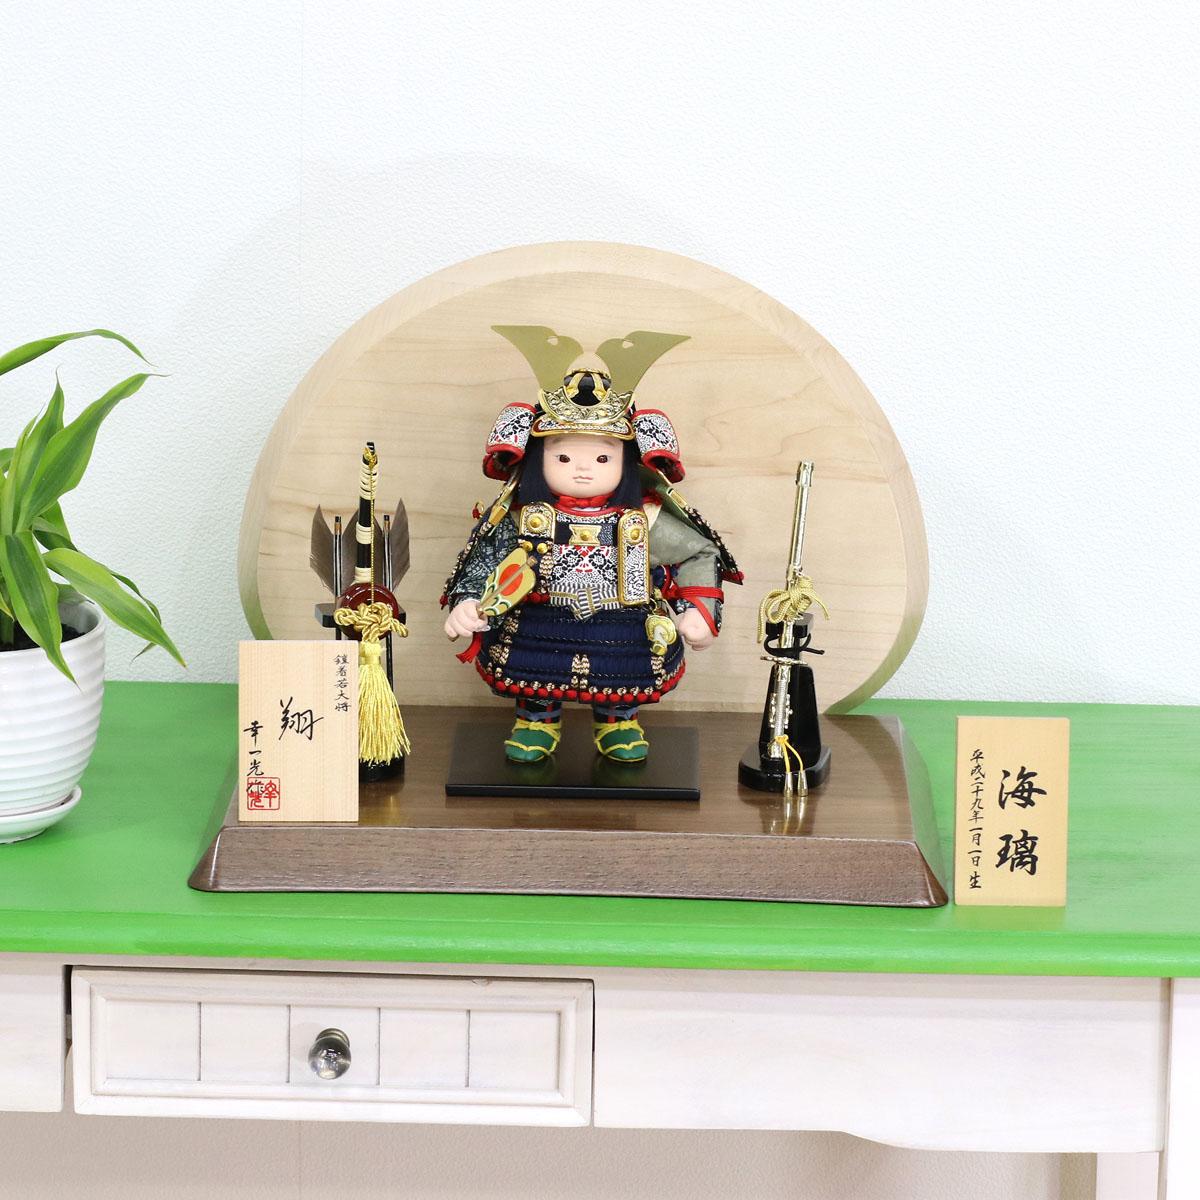 五月人形 幸一光 子供大将飾り 翔 (しょう) 鎧着 高級木材使用 飾り台・衝立セット ≪GOKI-SHOU-NO-15≫コンパクト おしゃれ 子供大将飾り 武者人形 子供大将飾り 五月人形